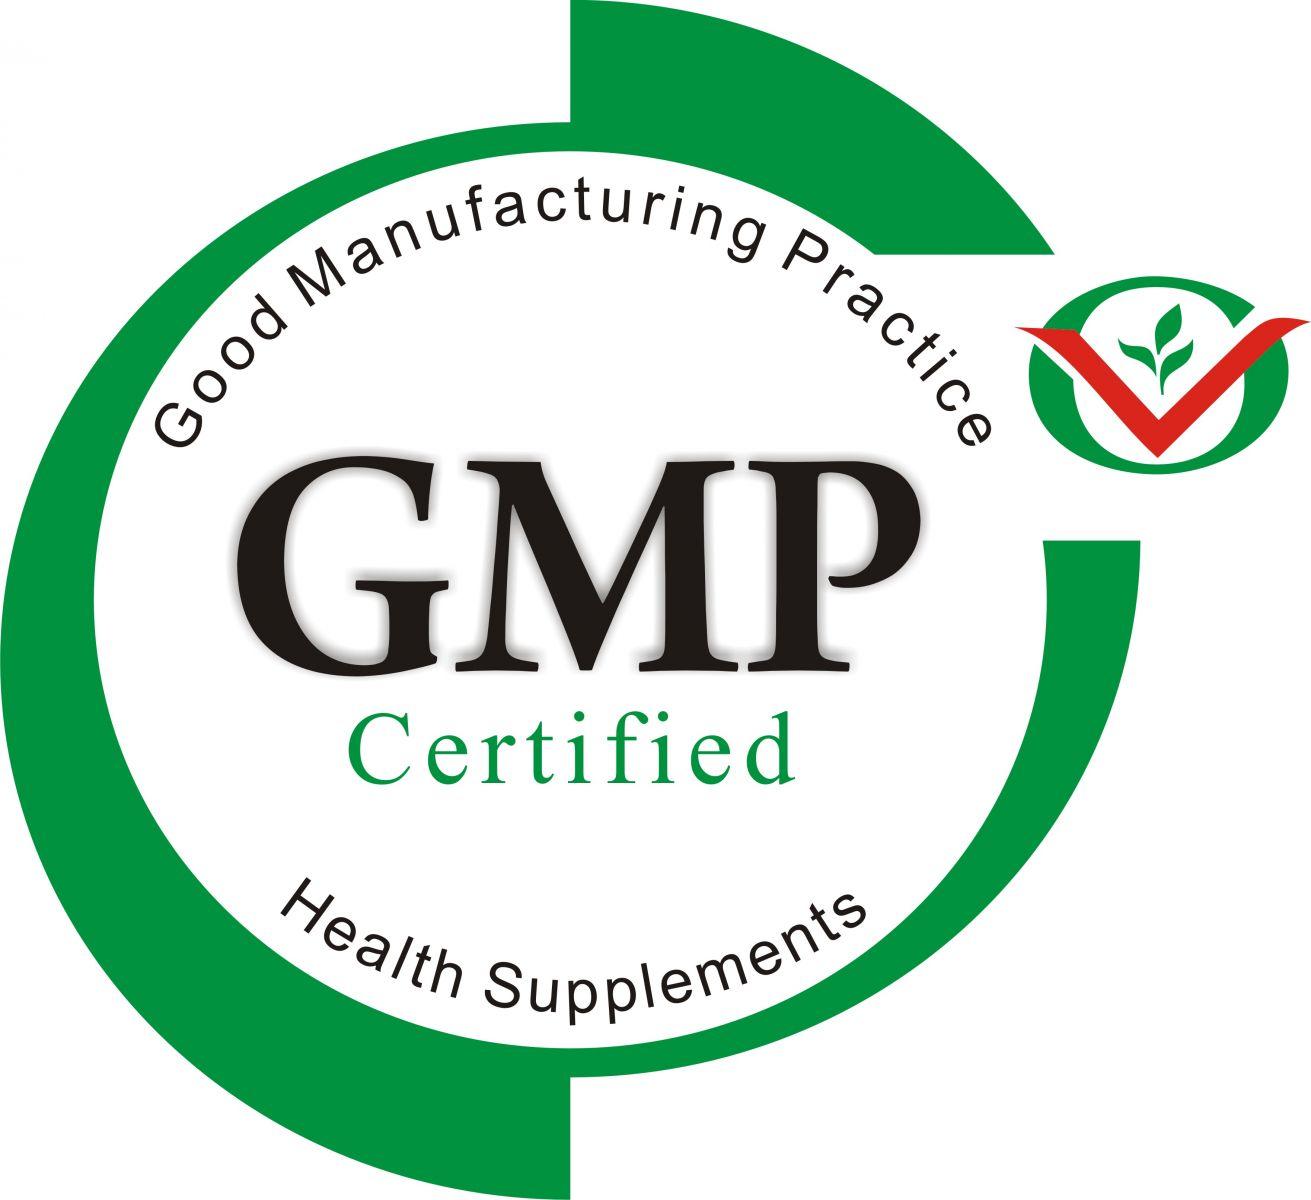 Thực hành sản xuất tốt(GMP) sản phẩm bảo vệ sức khỏe